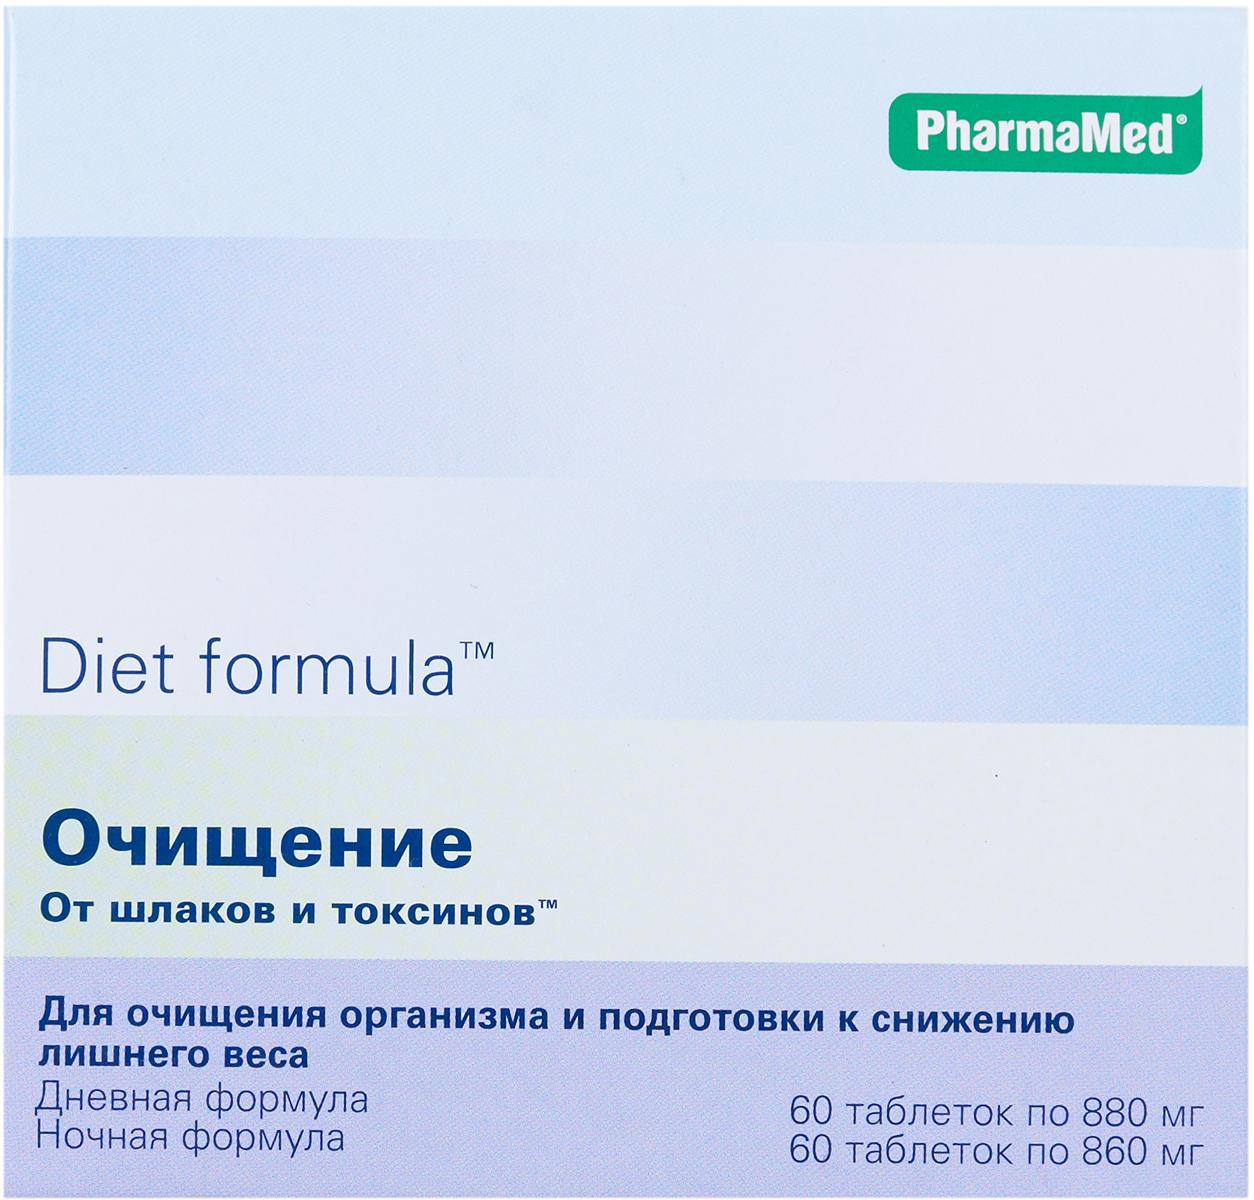 Диета Формула Очищение От Шлаков Отзывы. 7 Средств для очищения организма для похудения